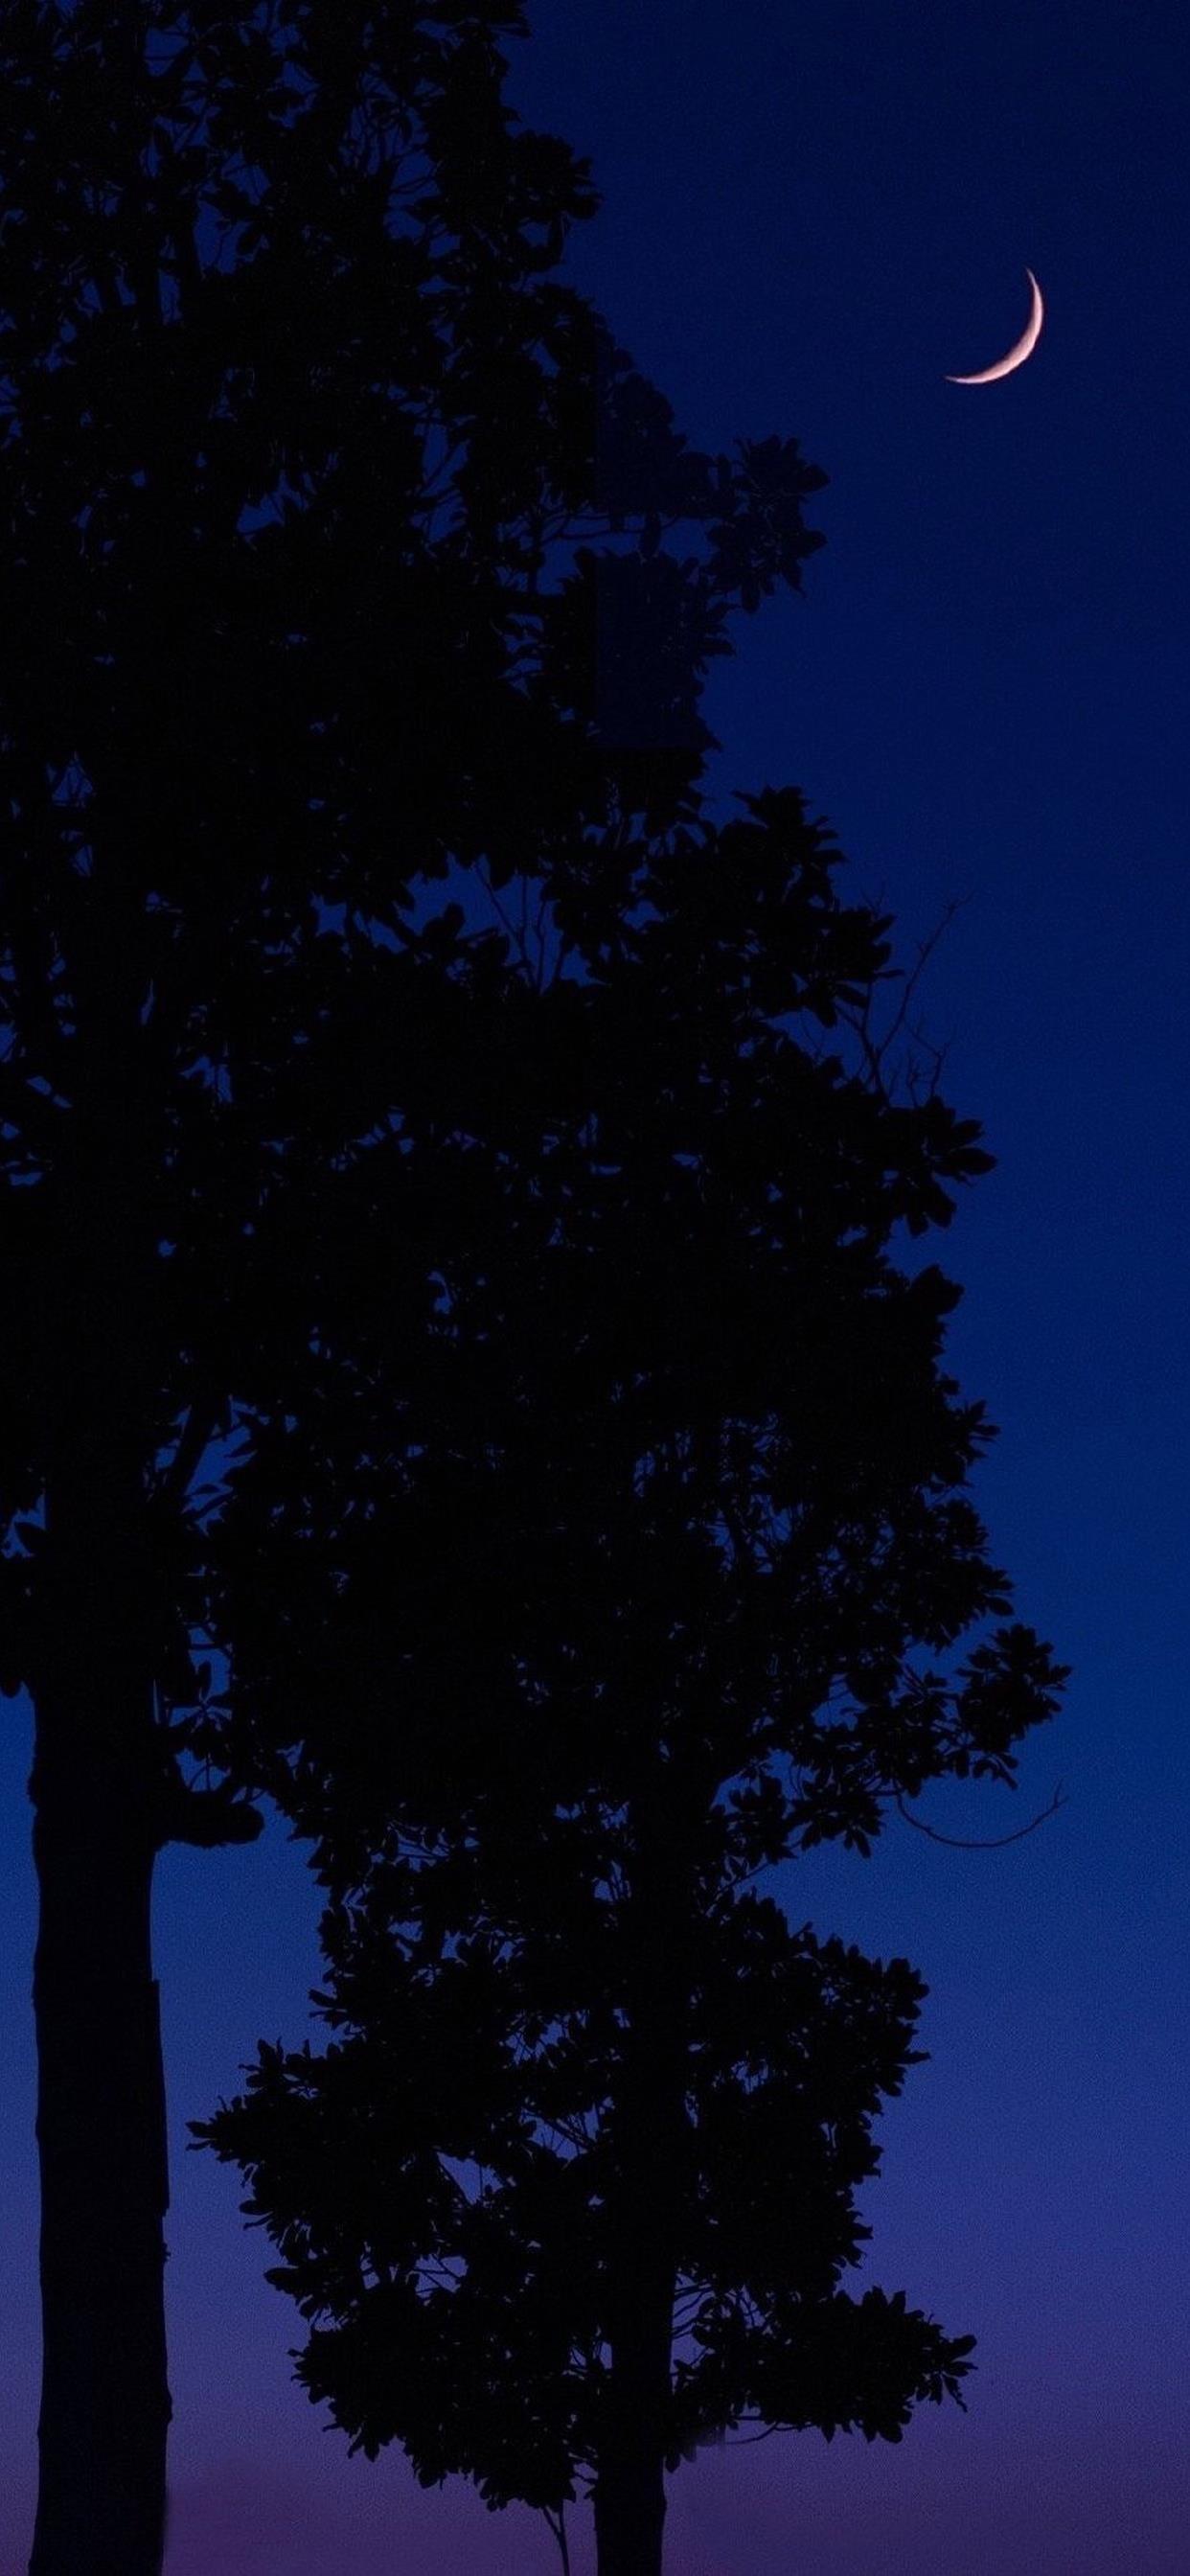 自然夜色风景图片手机壁纸 让人陶醉的夜景! 